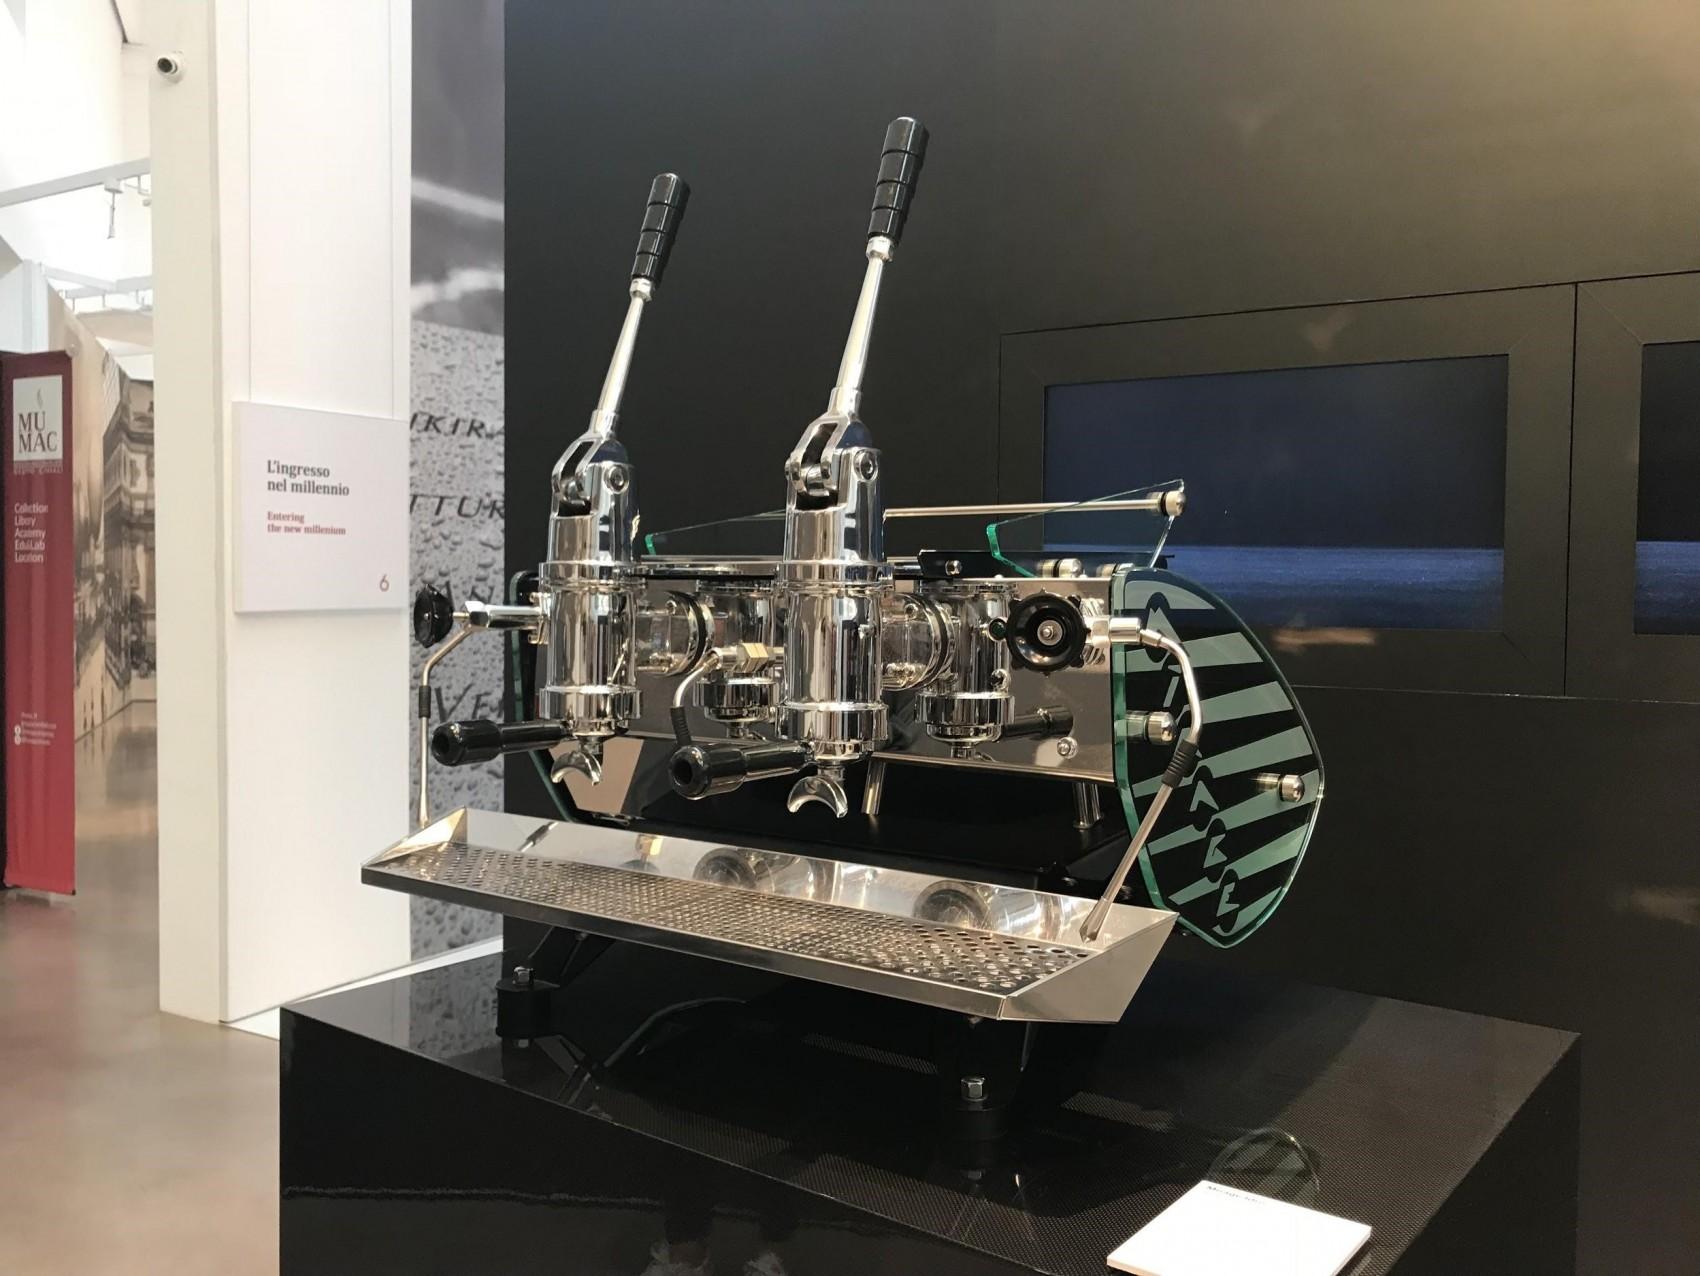 una maquina espresso de palanca